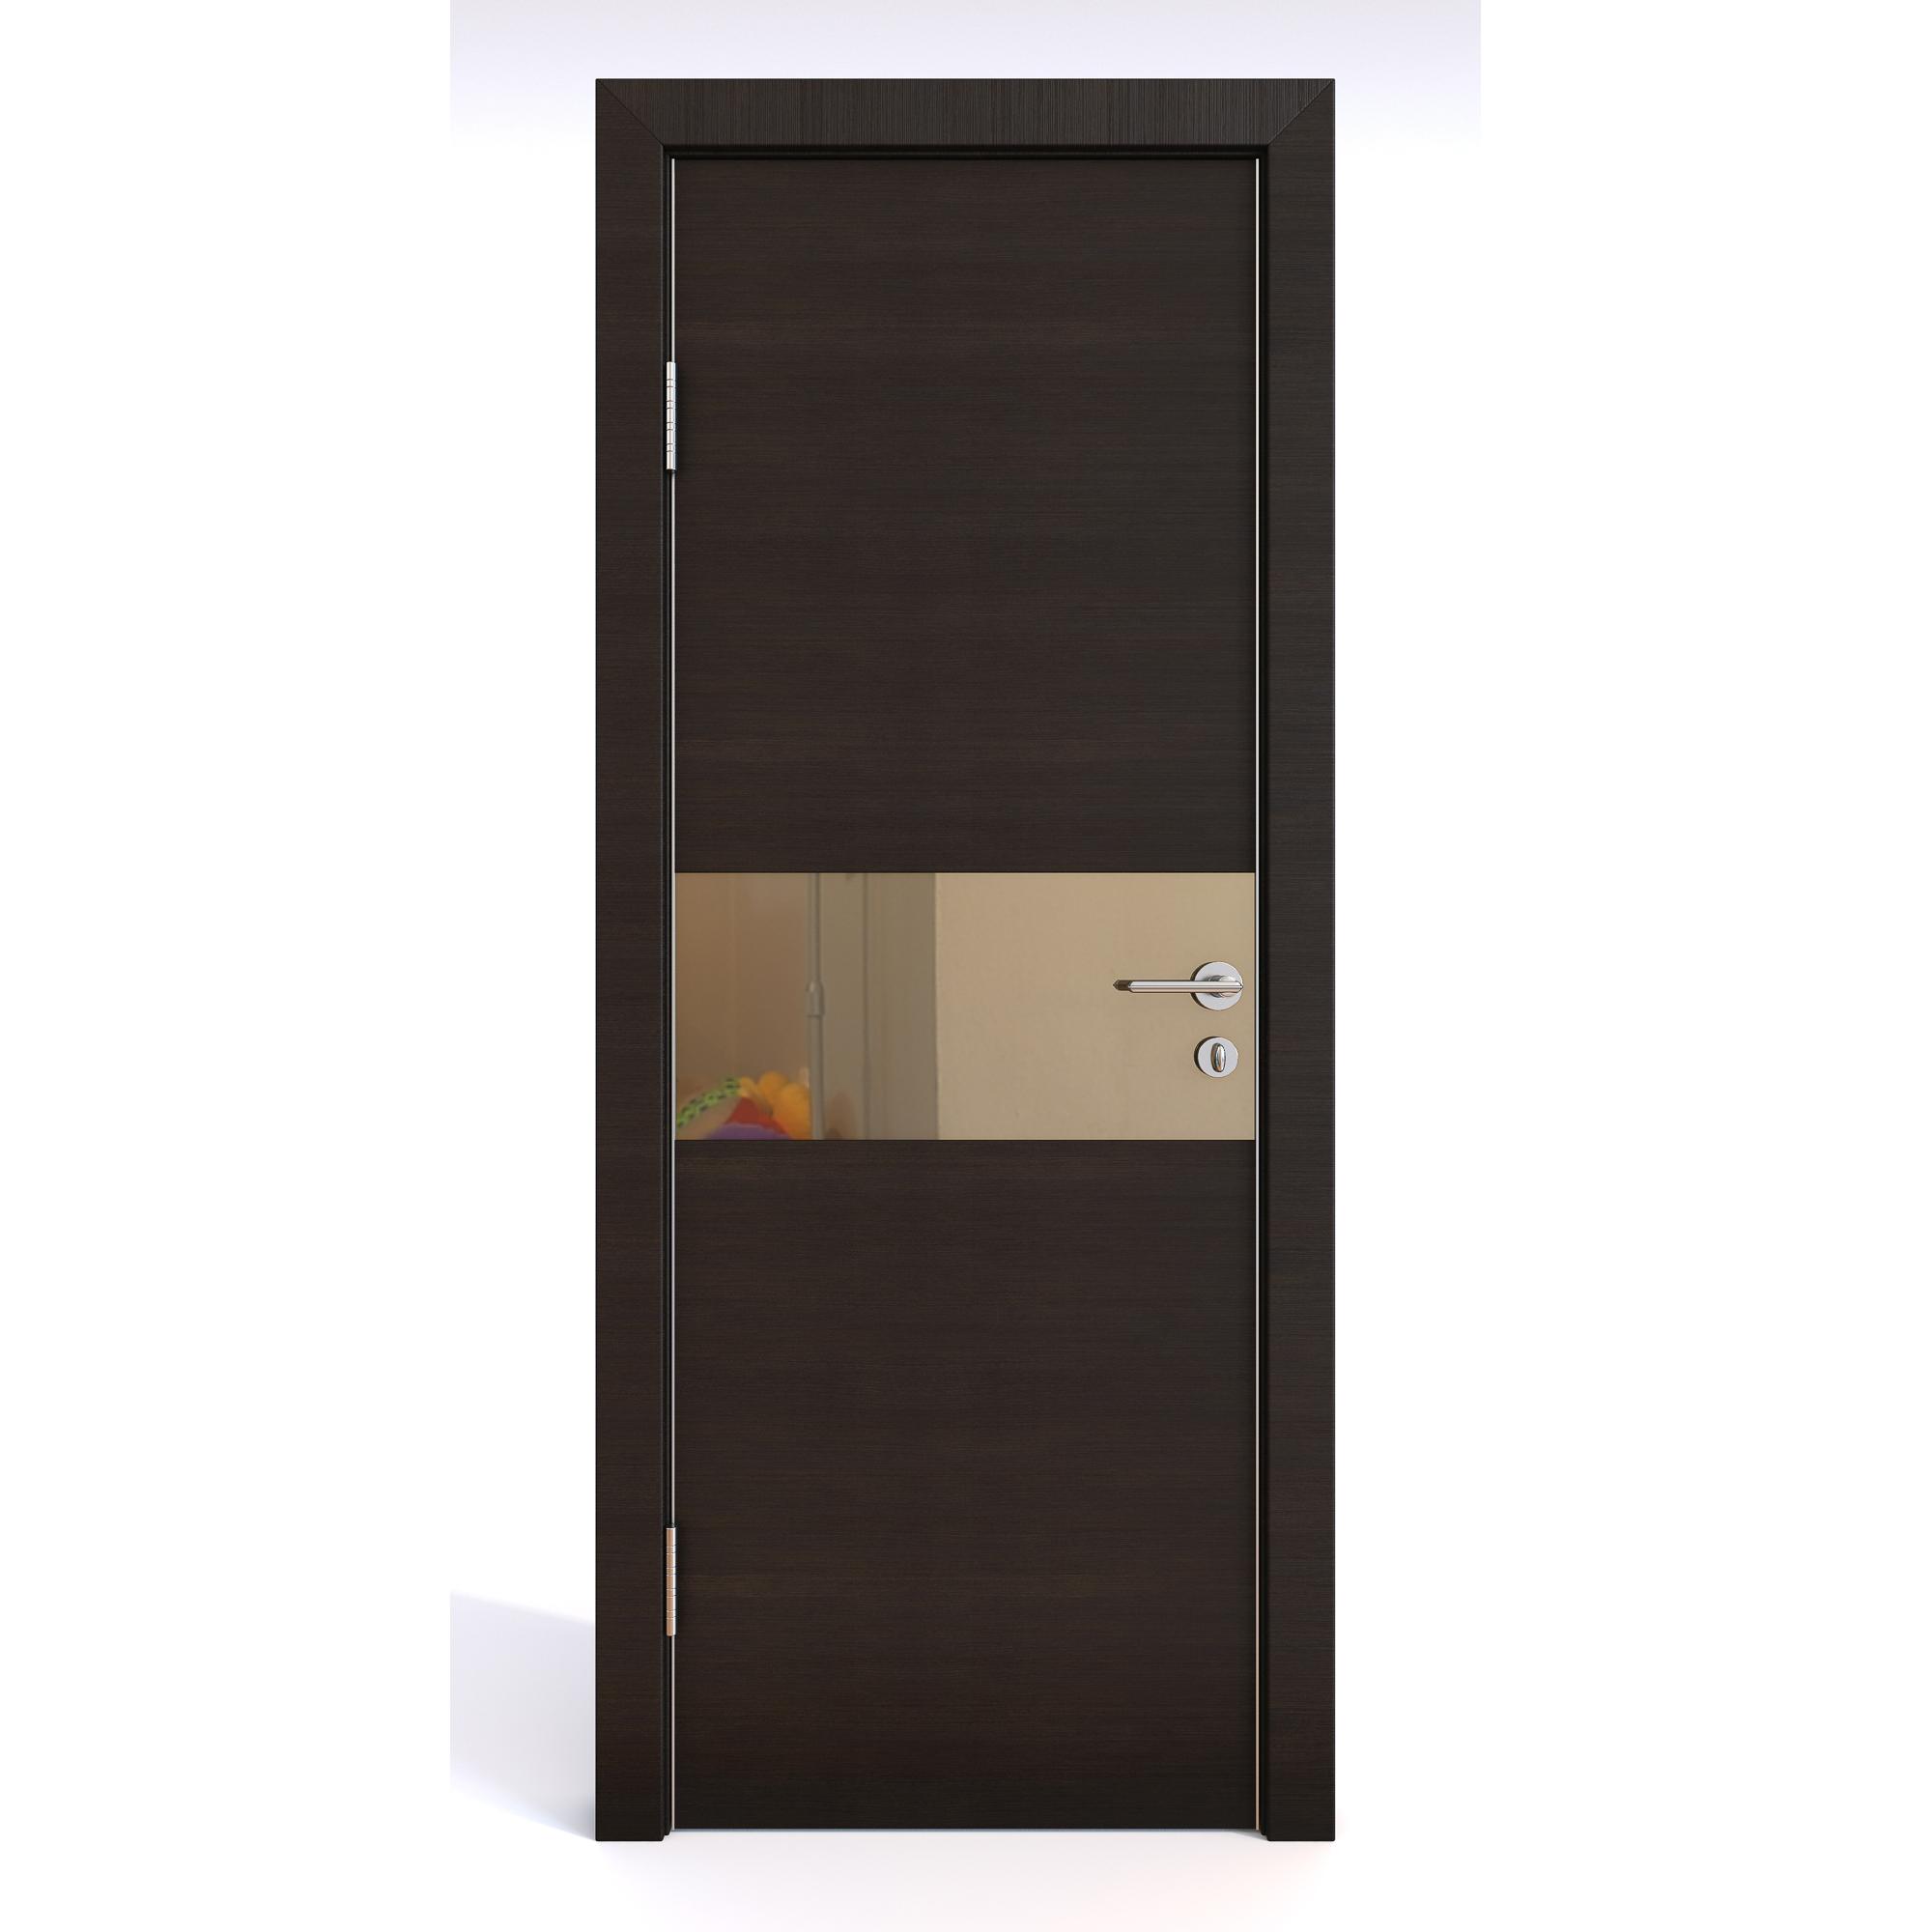 Межкомнатная дверь ДО-501/1 Венге горизонтальный/бронза 200х70 Дверная Линия фото